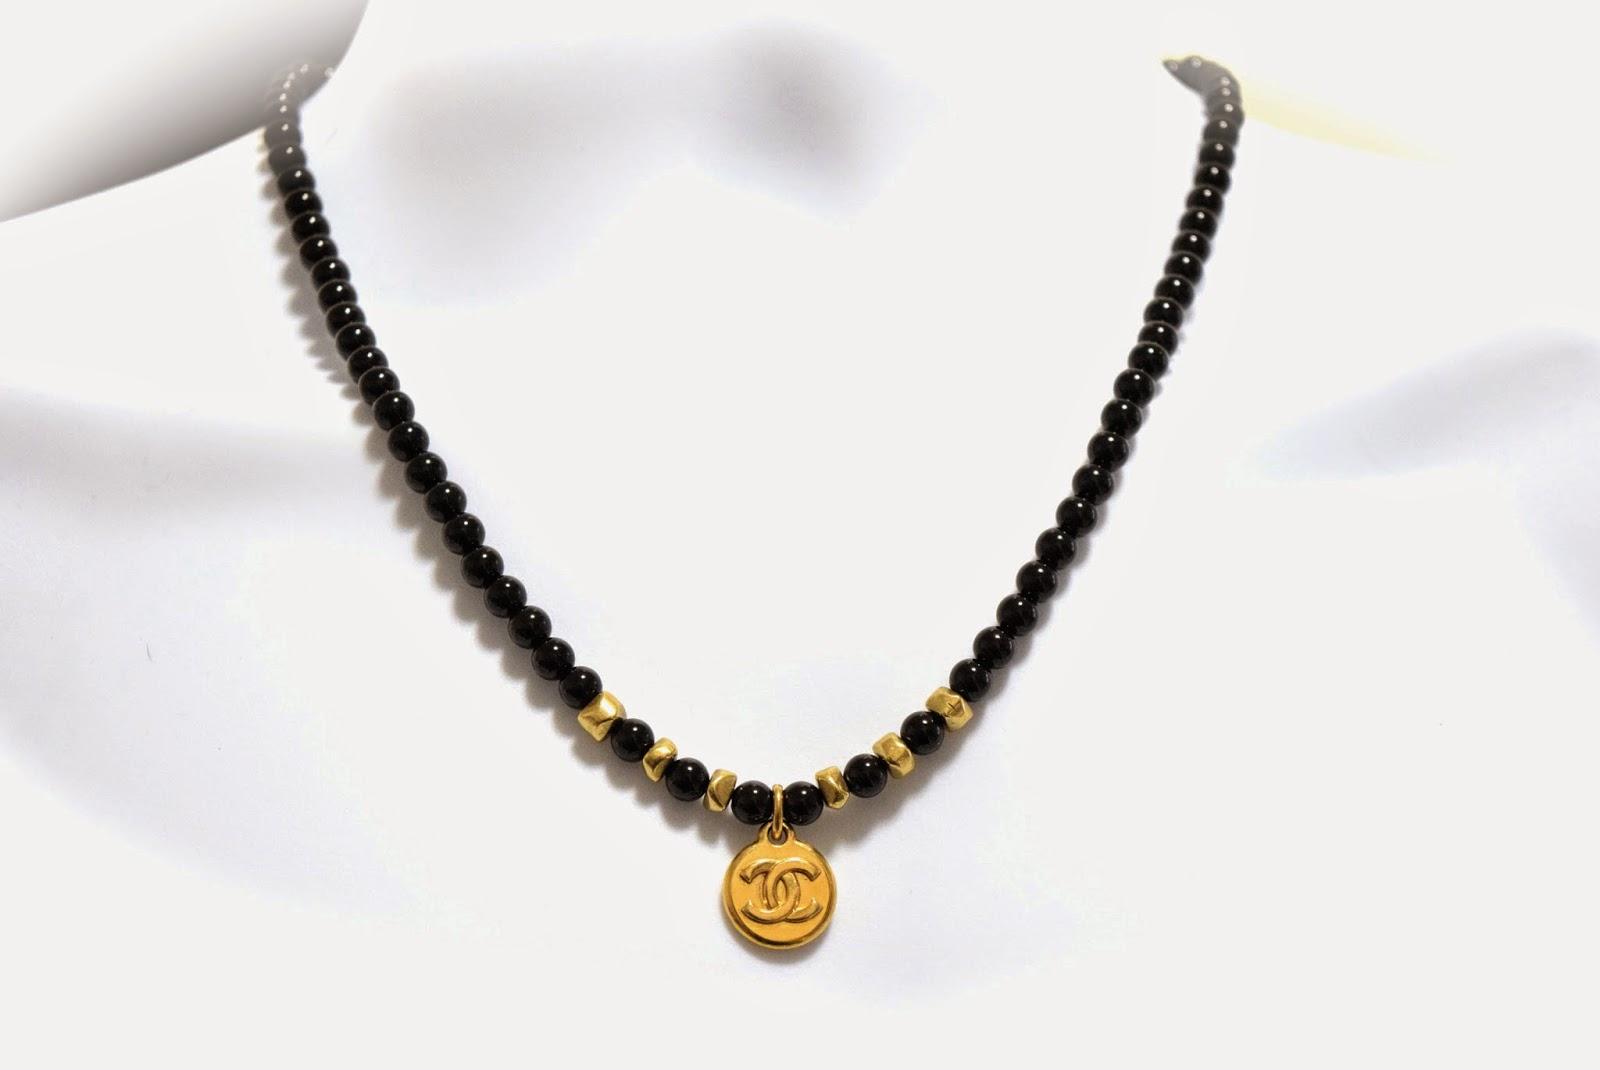 BOYBEADS- Custom Beaded Bracelets for Men New York, NY ...